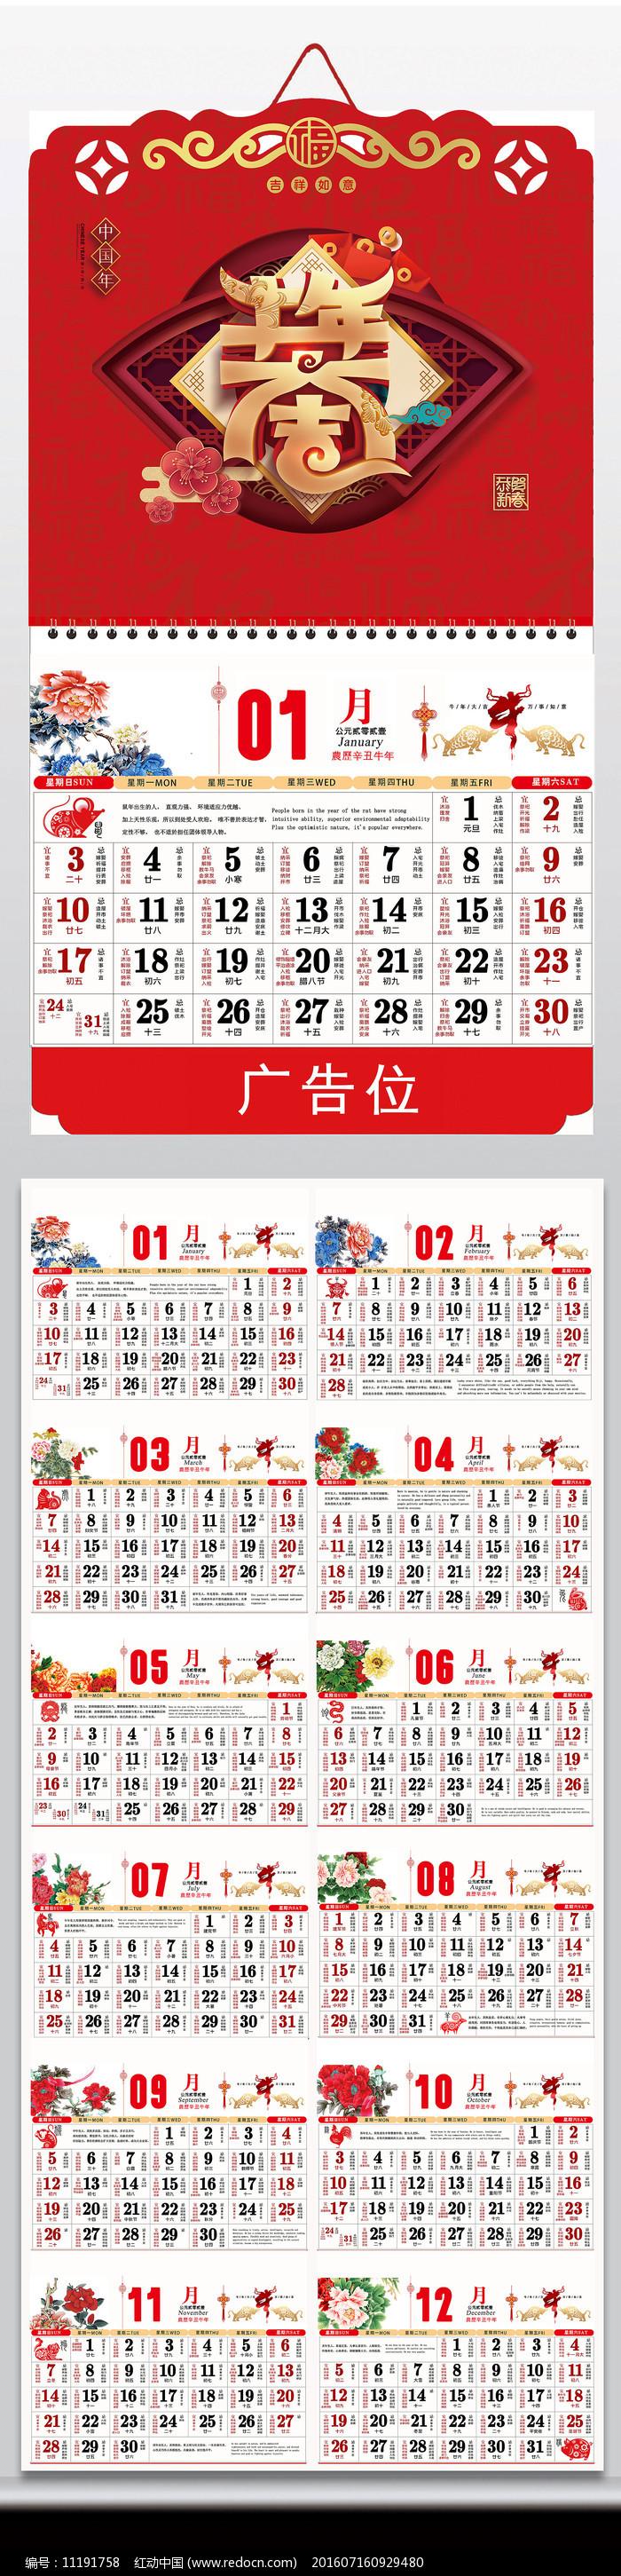 2021年牛年大吉挂历黄历月历设计图片